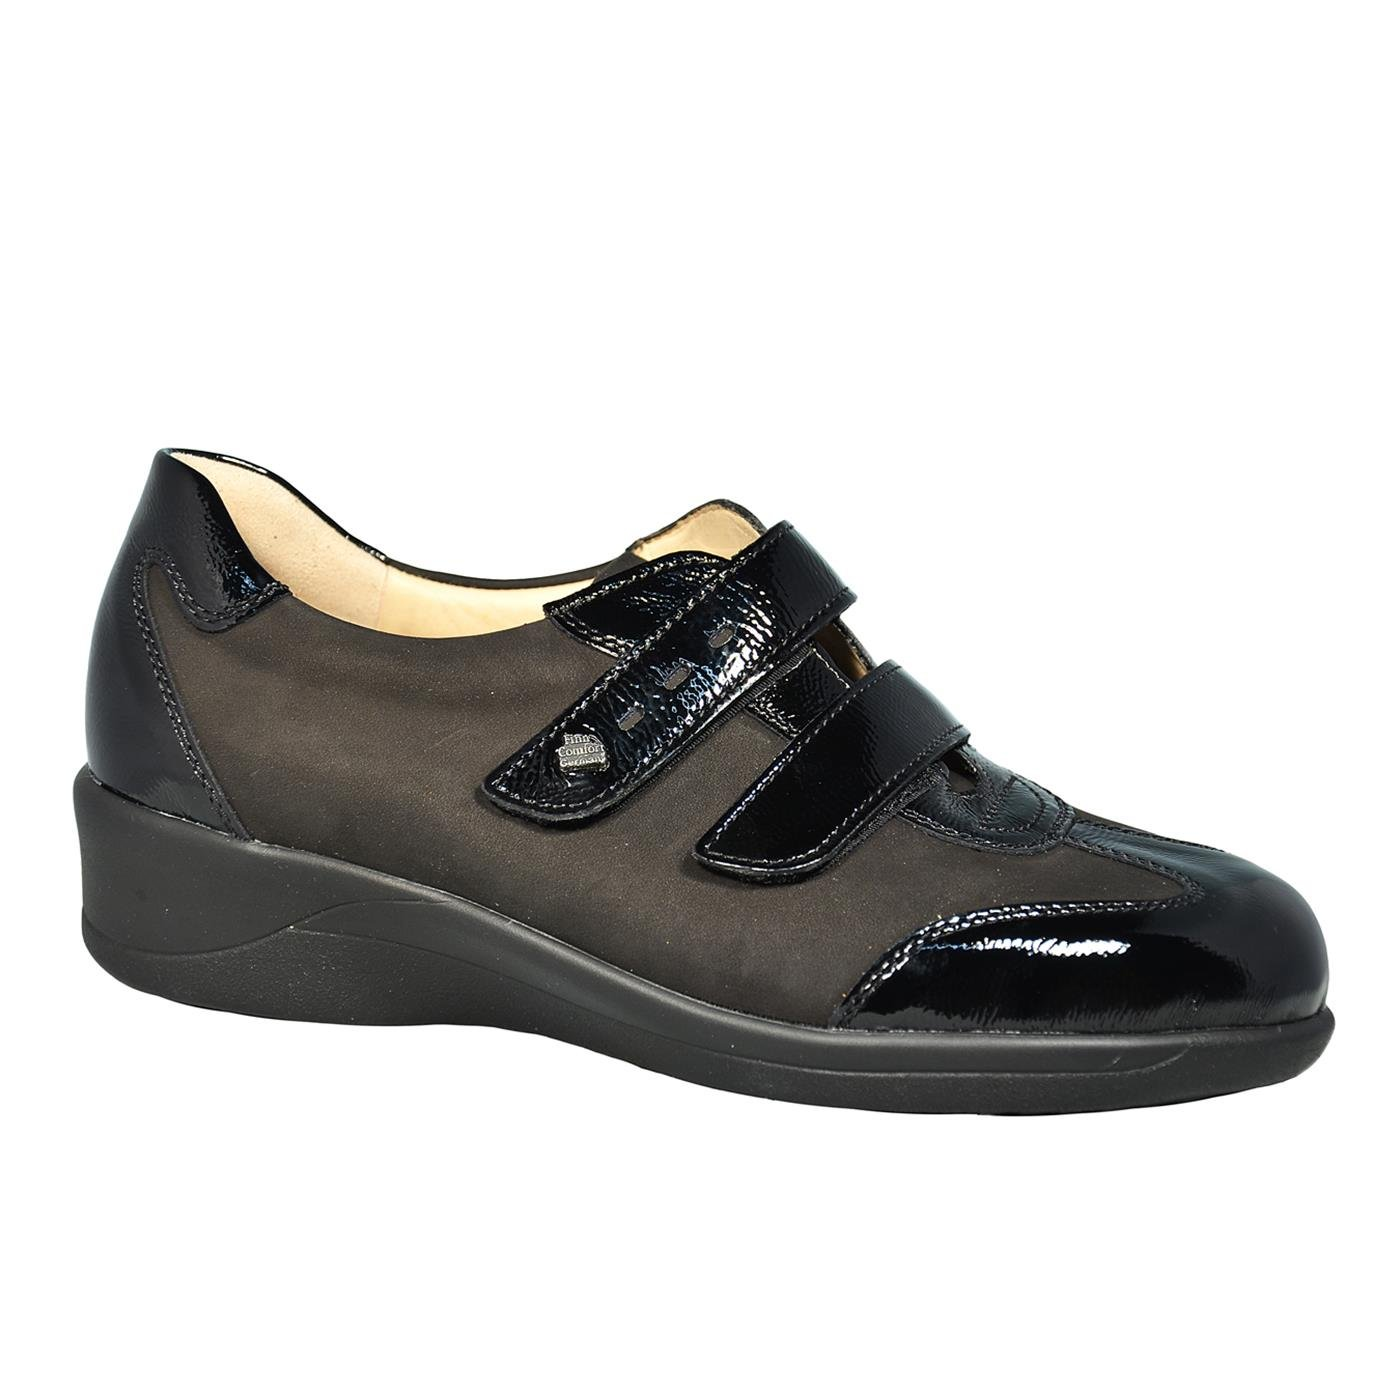 Finn 19999 messina chaussures 4 noir, noir, 4 1 noir,/2 noir 2ab2eec - piero.space